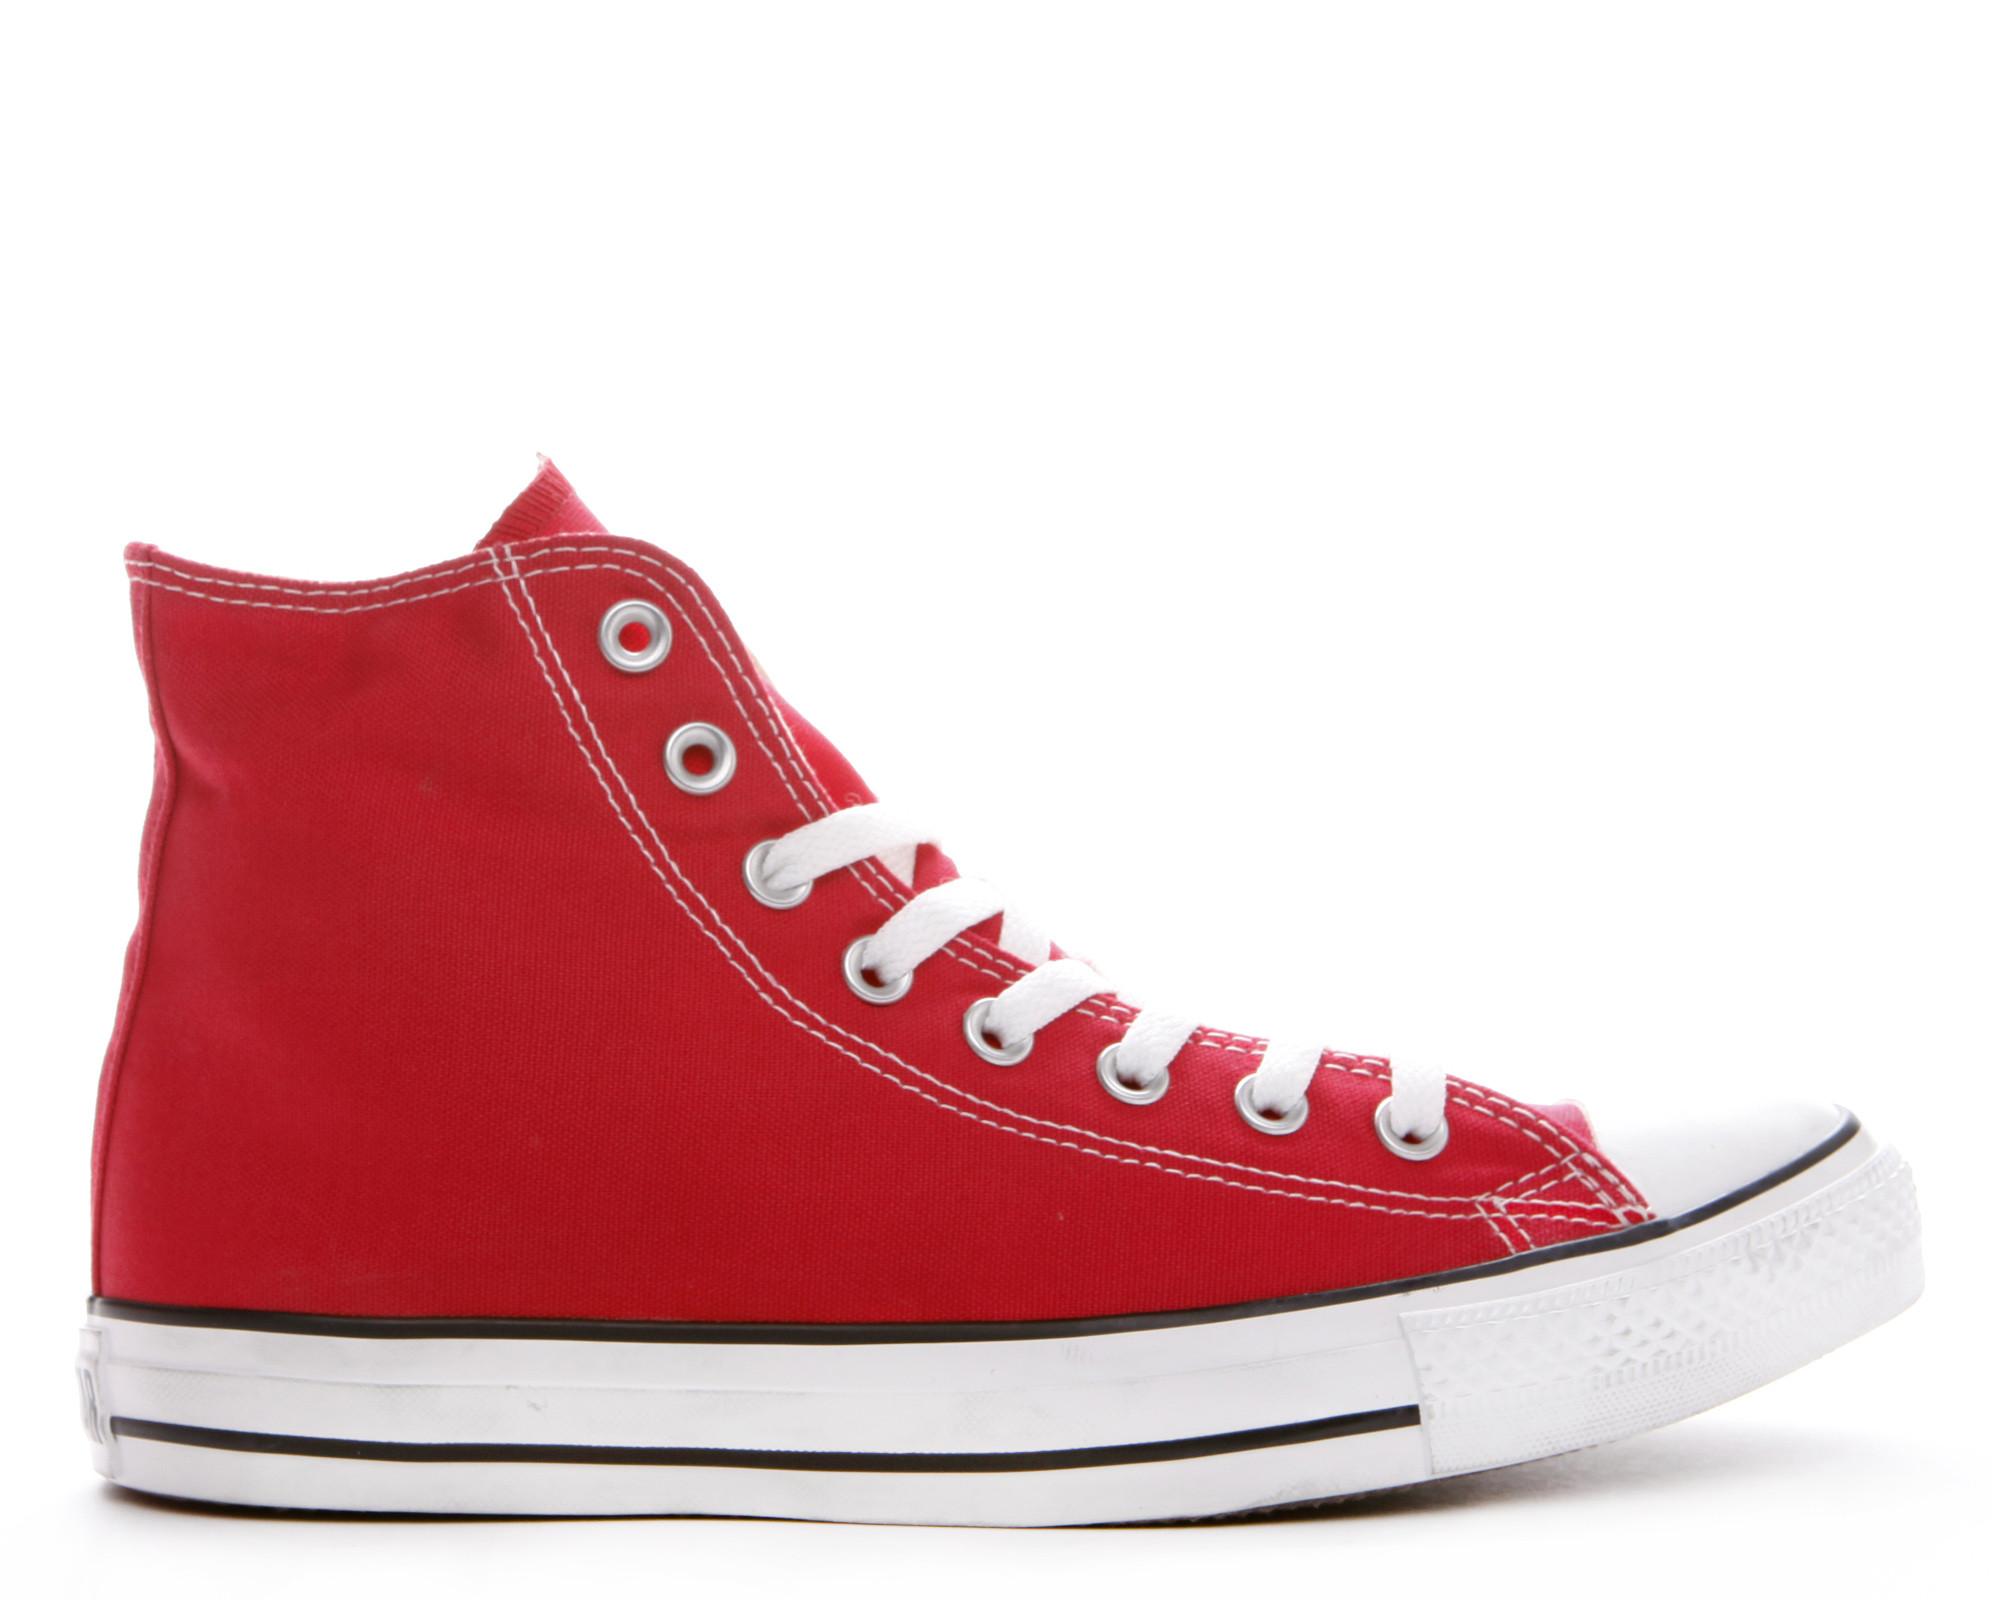 red converse converse chuck taylor all star hi top | dtlr.com ELGIMMX